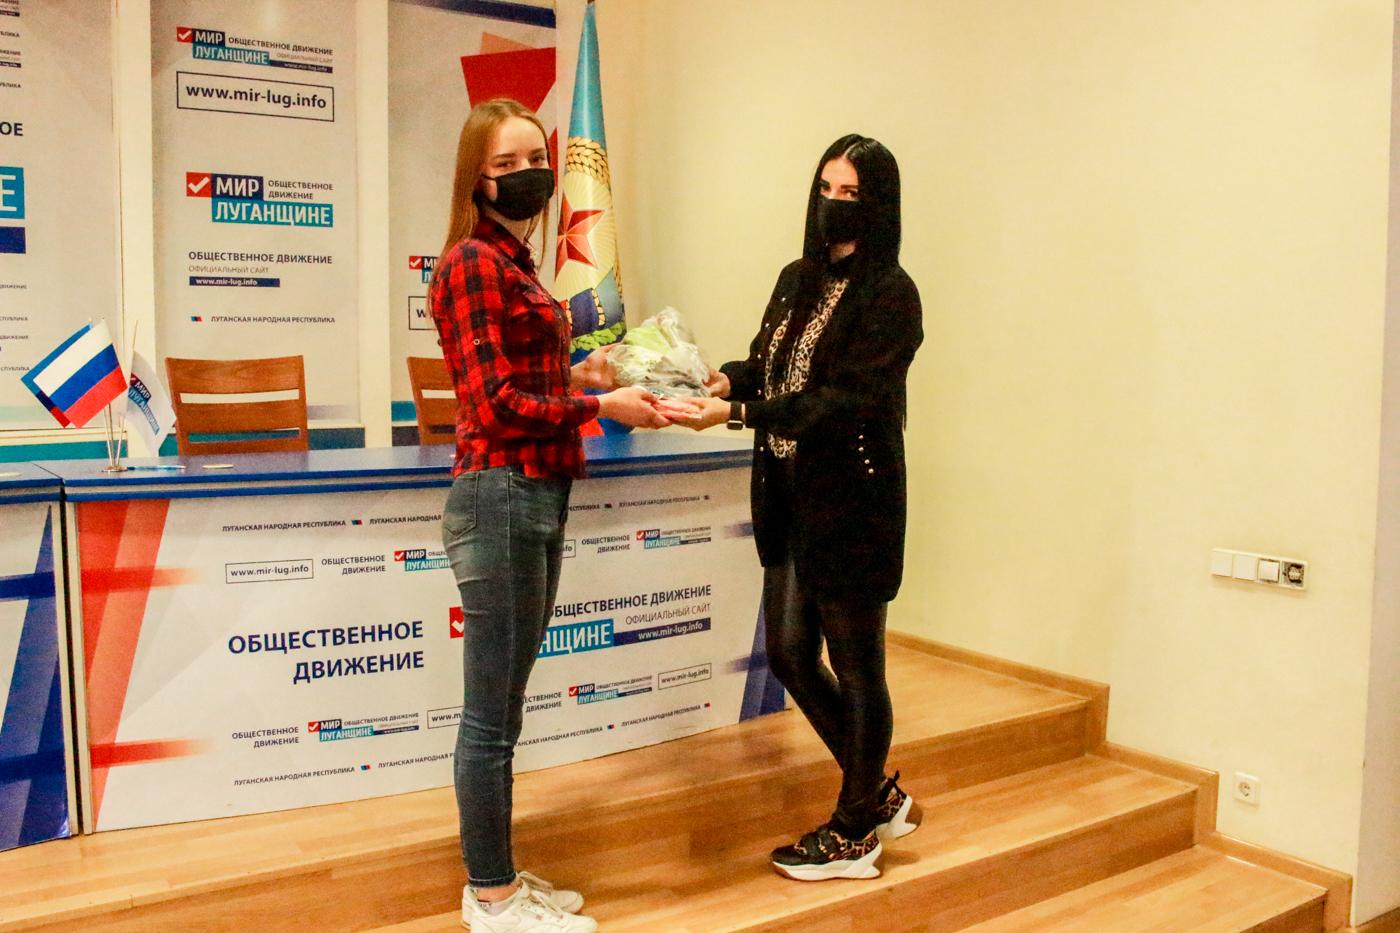 Луганский предприниматель передала маски и антисептик в проект «Волонтёр» 2